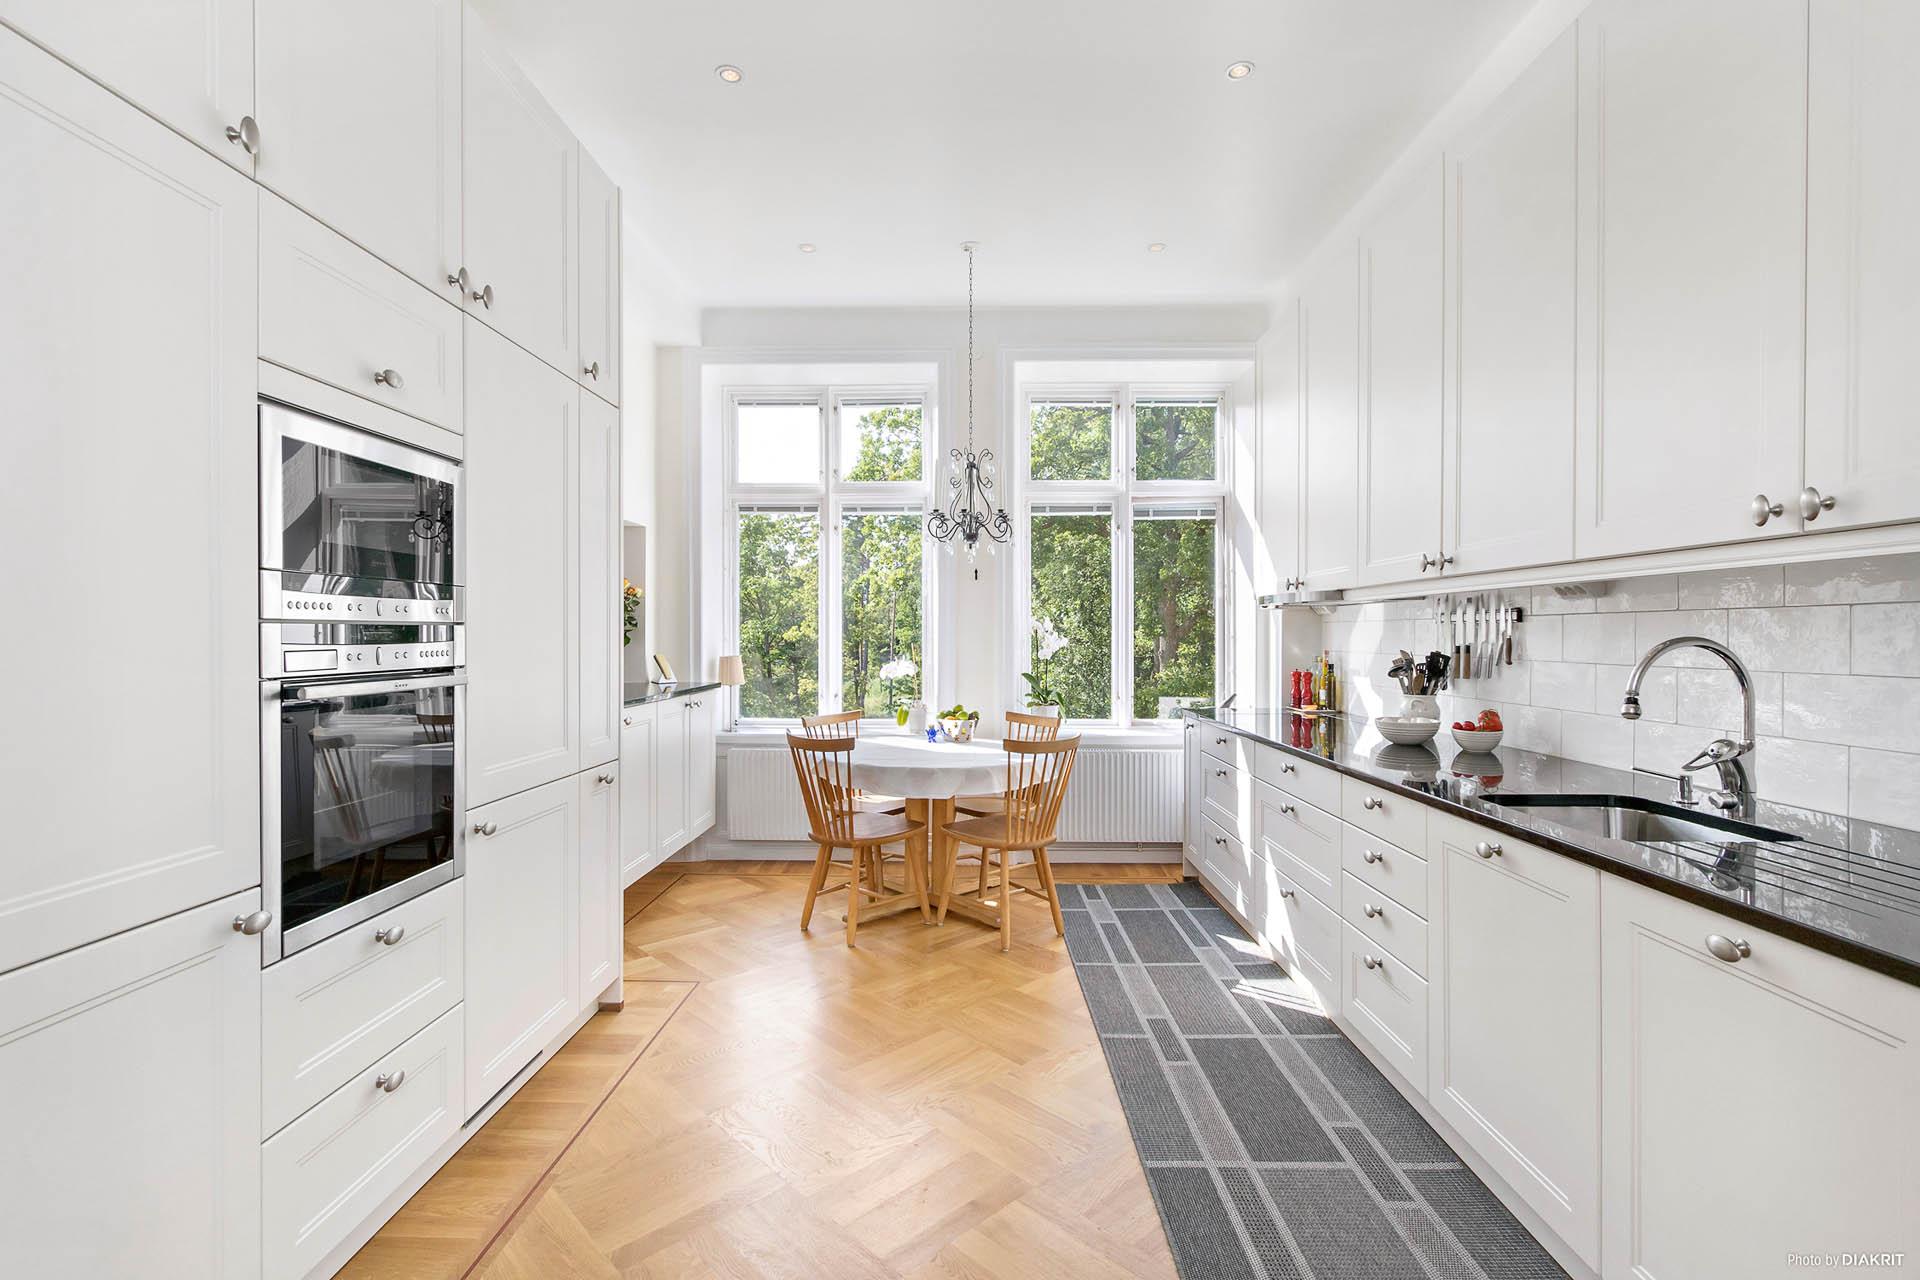 Ljust kök med gott om plats för förvaring och generösa arbetsytor. Exklusiva materialval för mästerkocken!